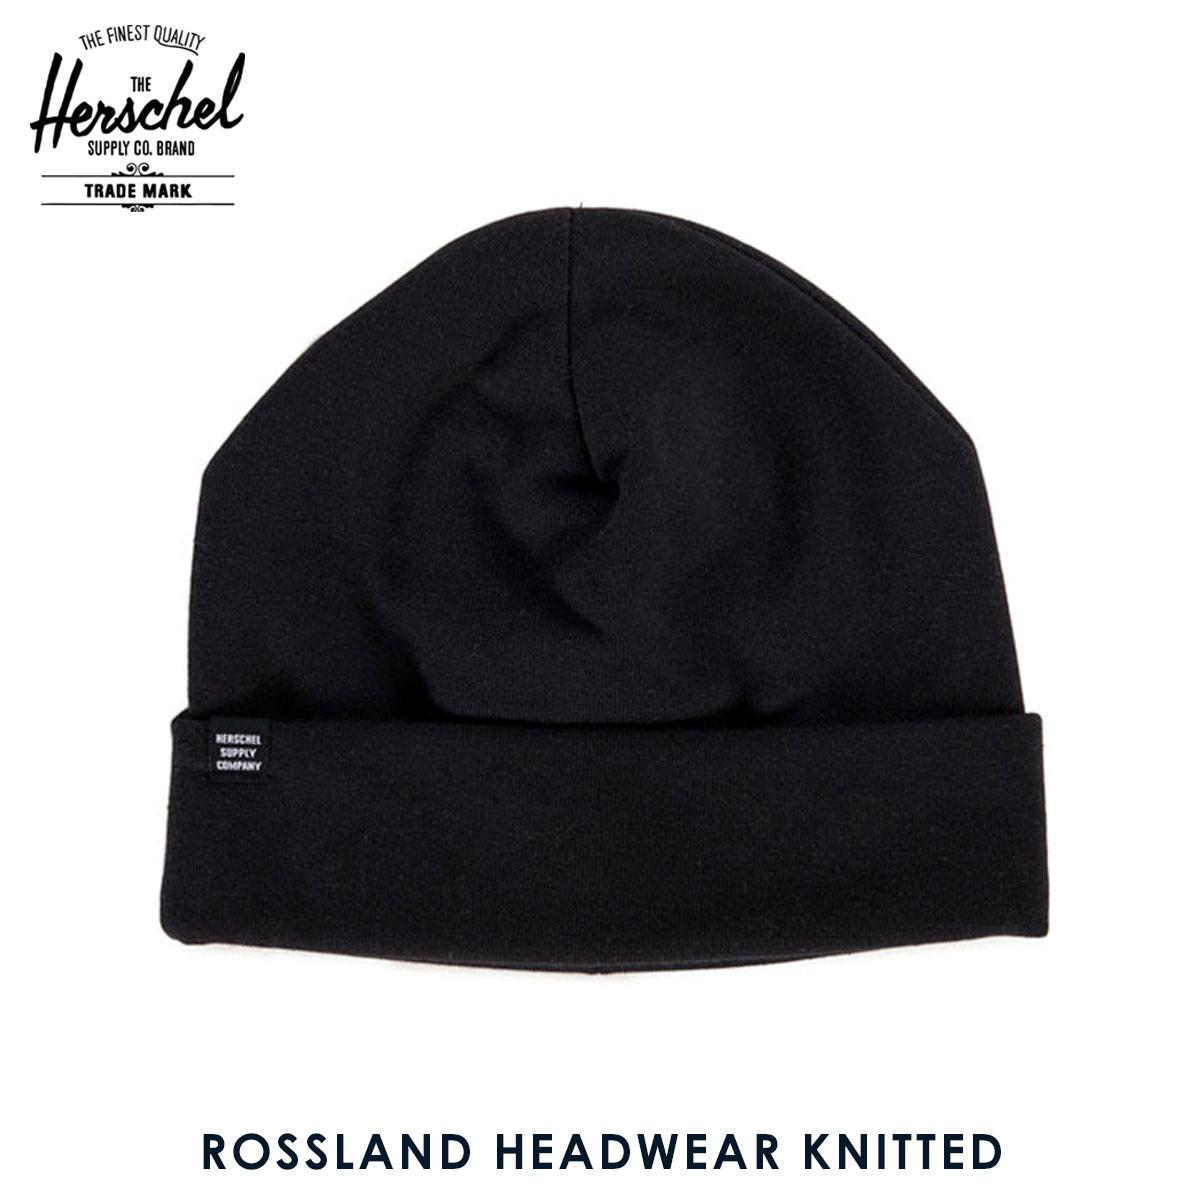 ハーシェル キャップ 正規販売店 Herschel Supply ハーシャルサプライ ニットキャップ Rossland HEADWEAR KNITTED 1004 0001 OS Black D20S30 父の日tCsQxhrd